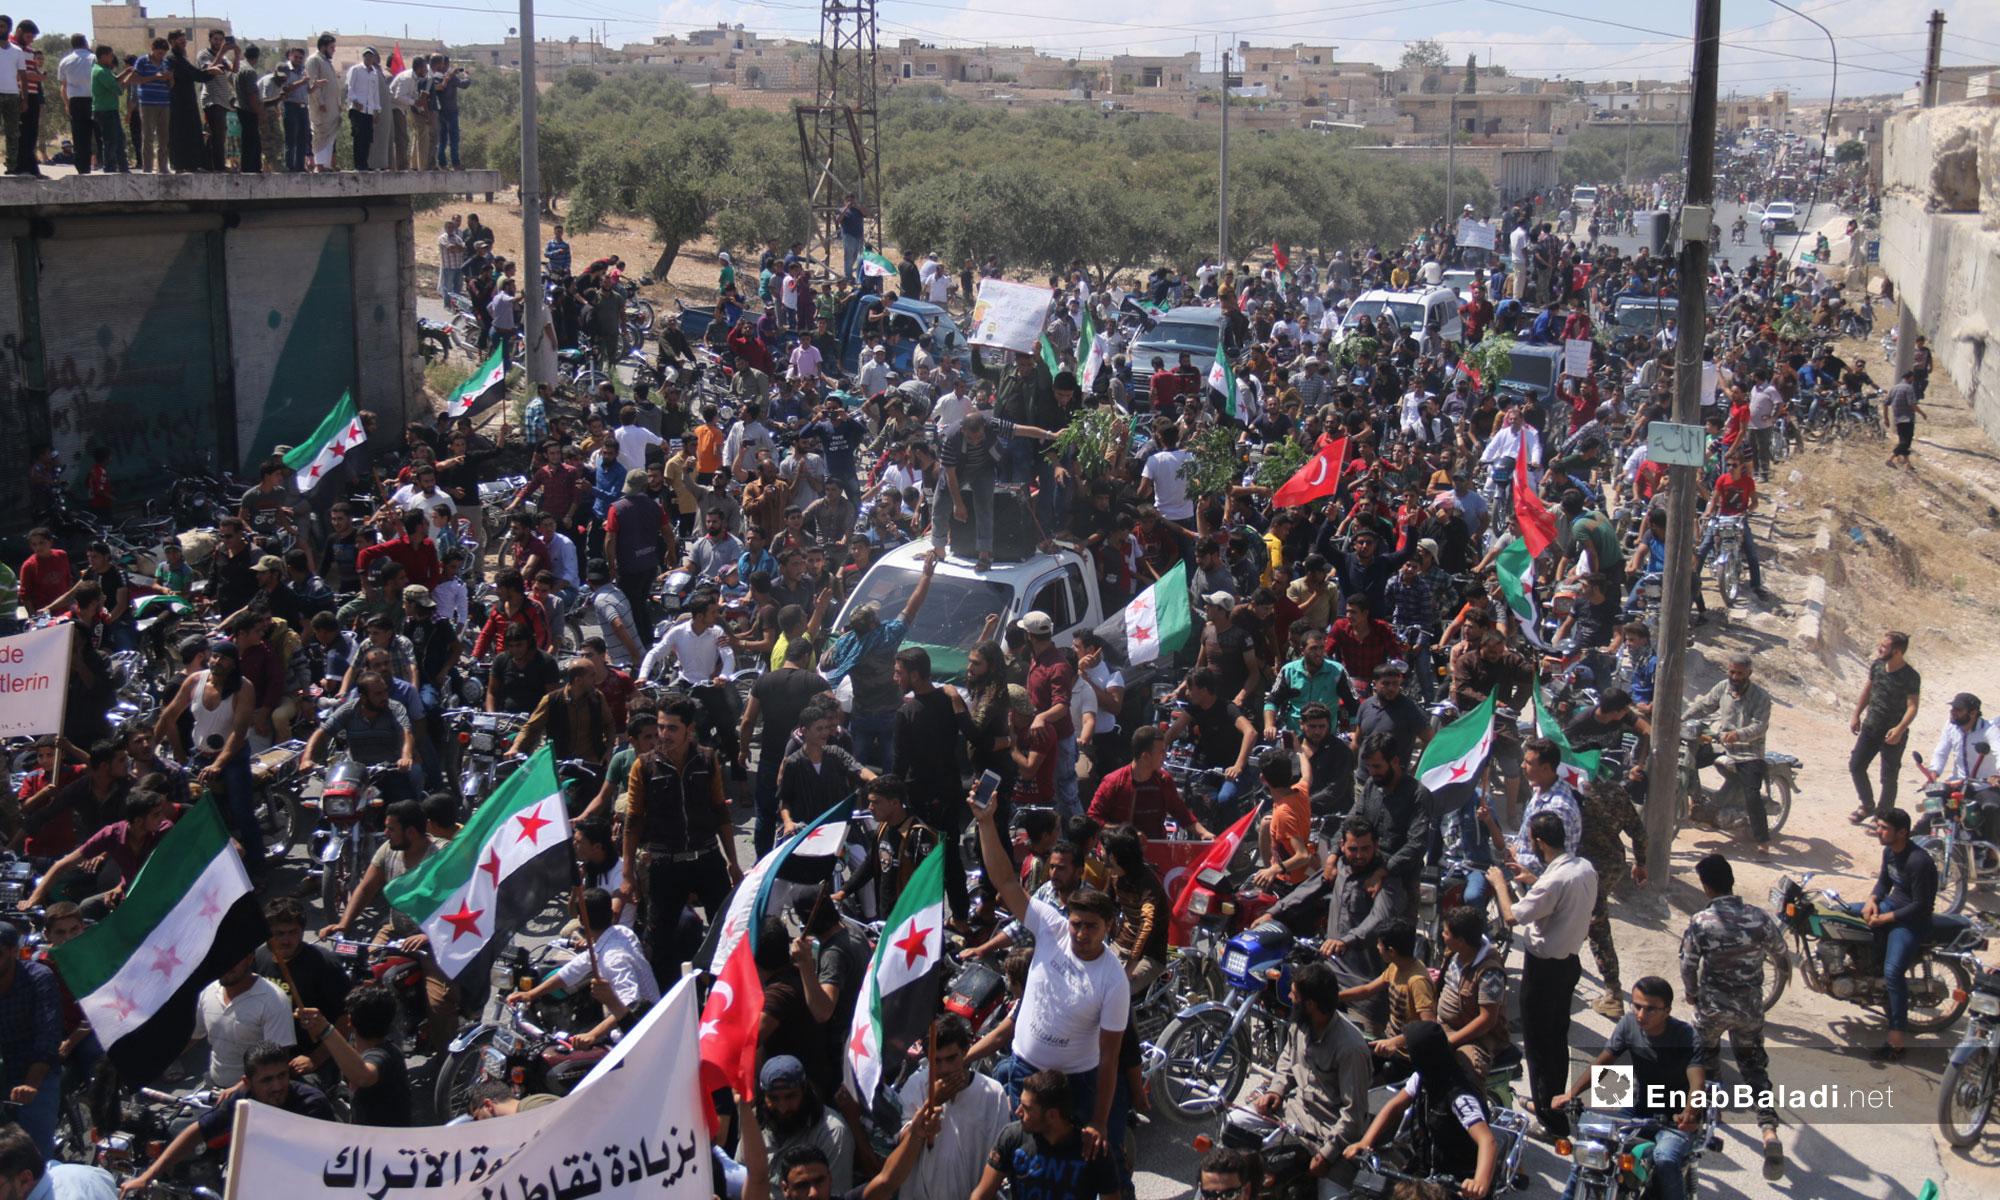 مظاهرة في كفروما رفضًا للتدخل الروسي في إدلب - 7 من أيلول 2018 (عنب بلدي)